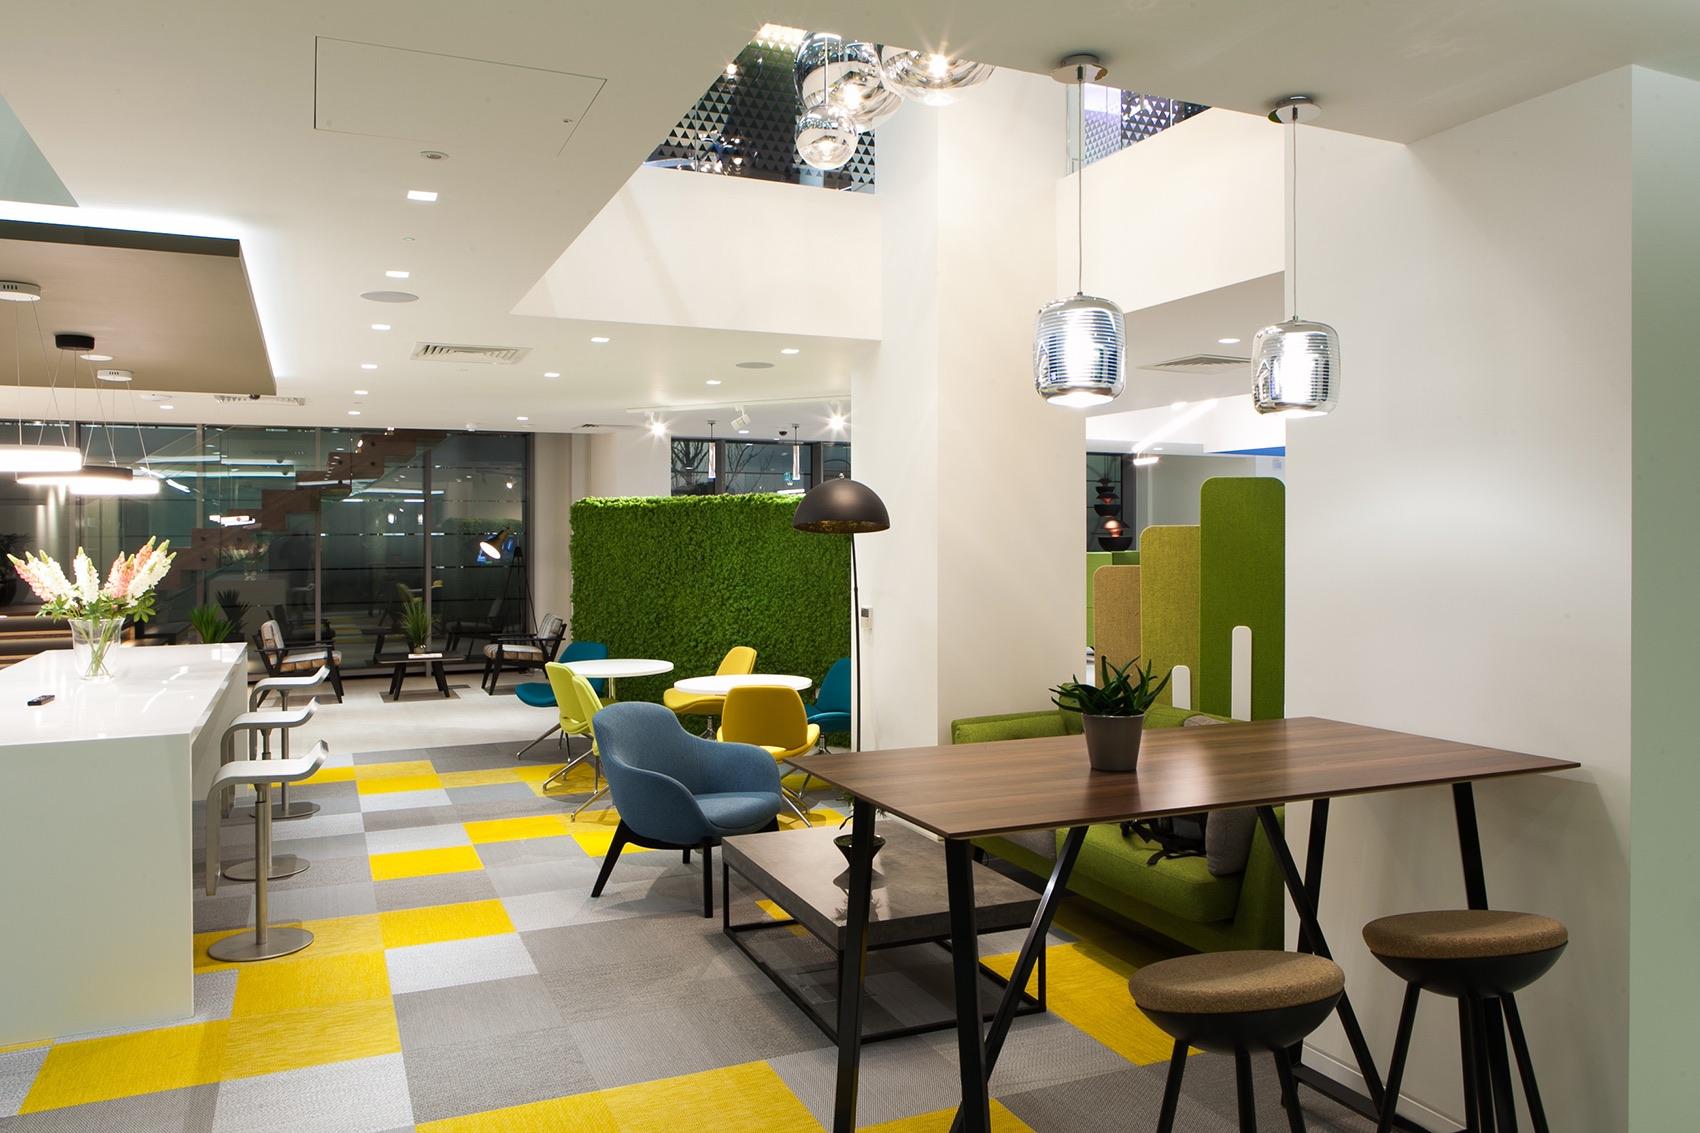 mdc-london-office-2